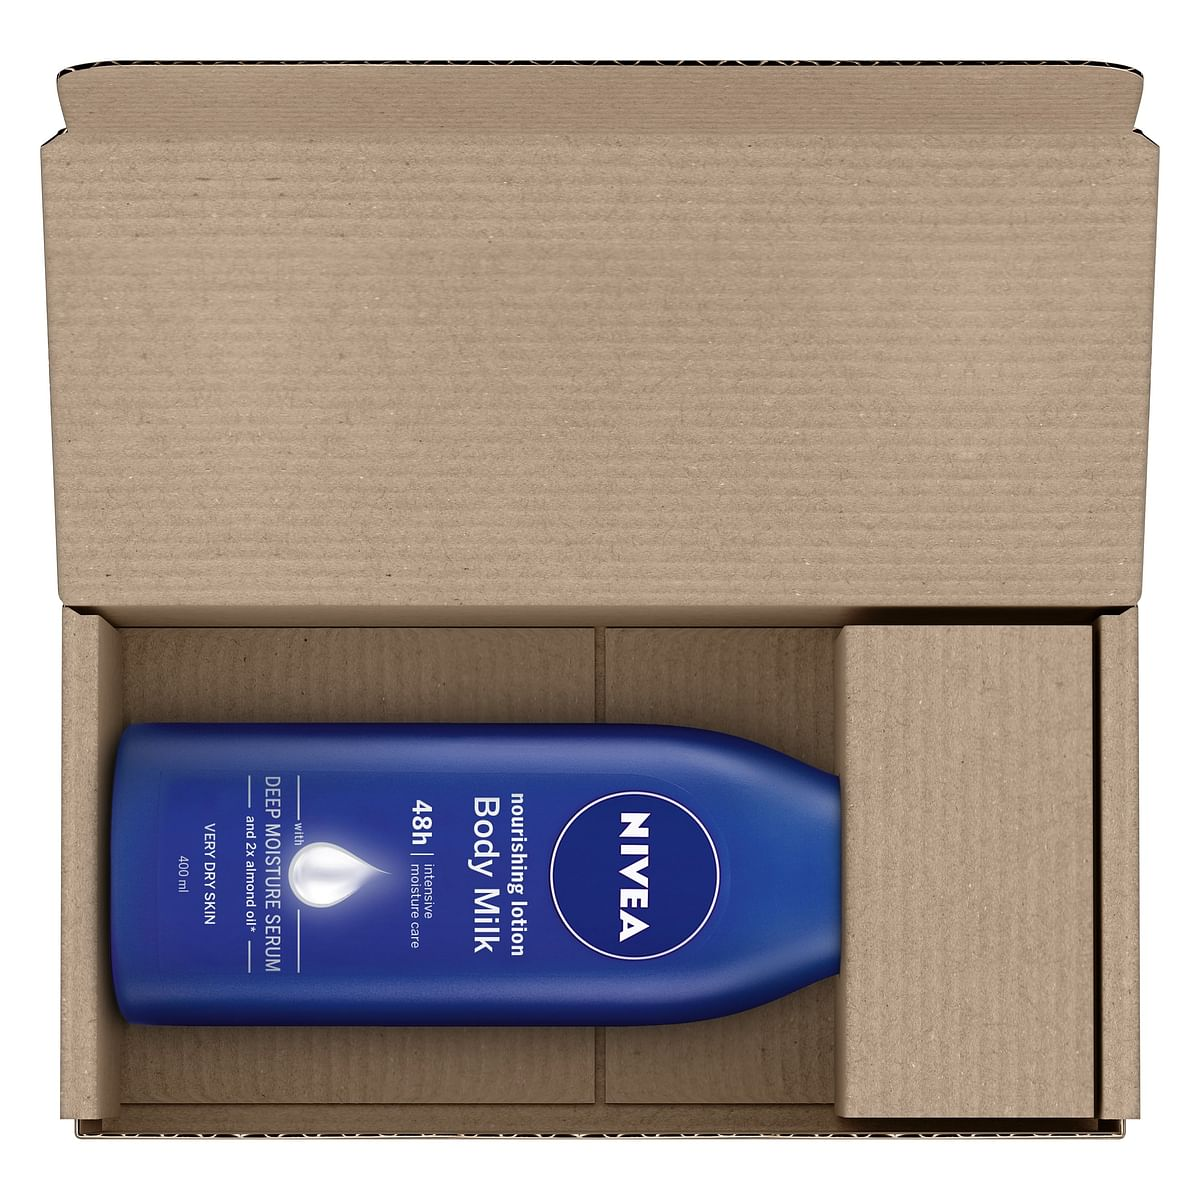 Nivea body lotion in the box